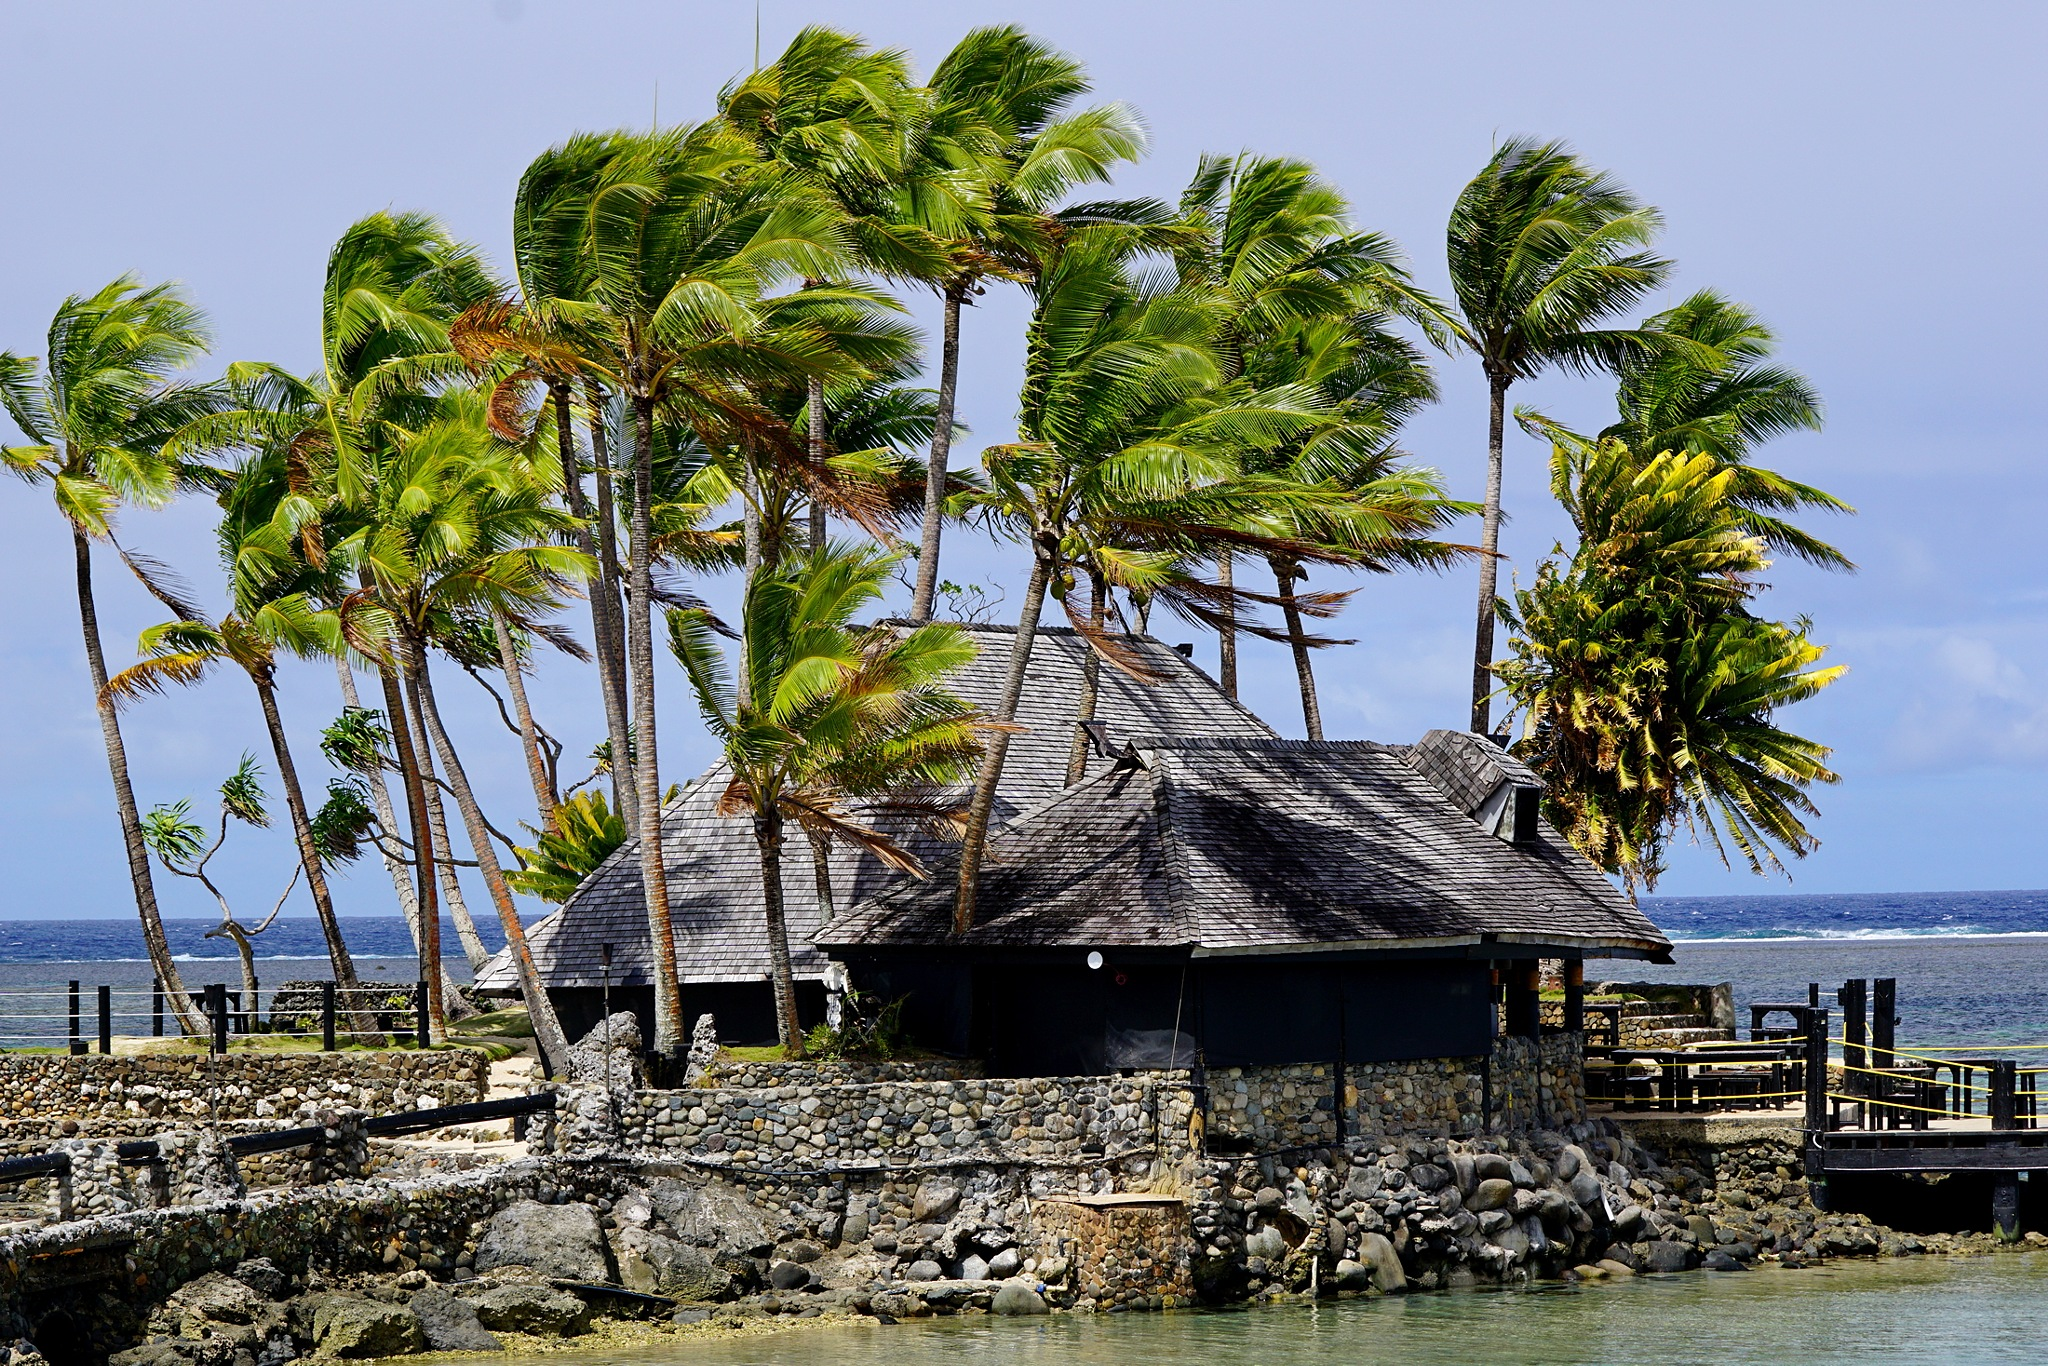 Windy day in Fiji by Peter J Dwight